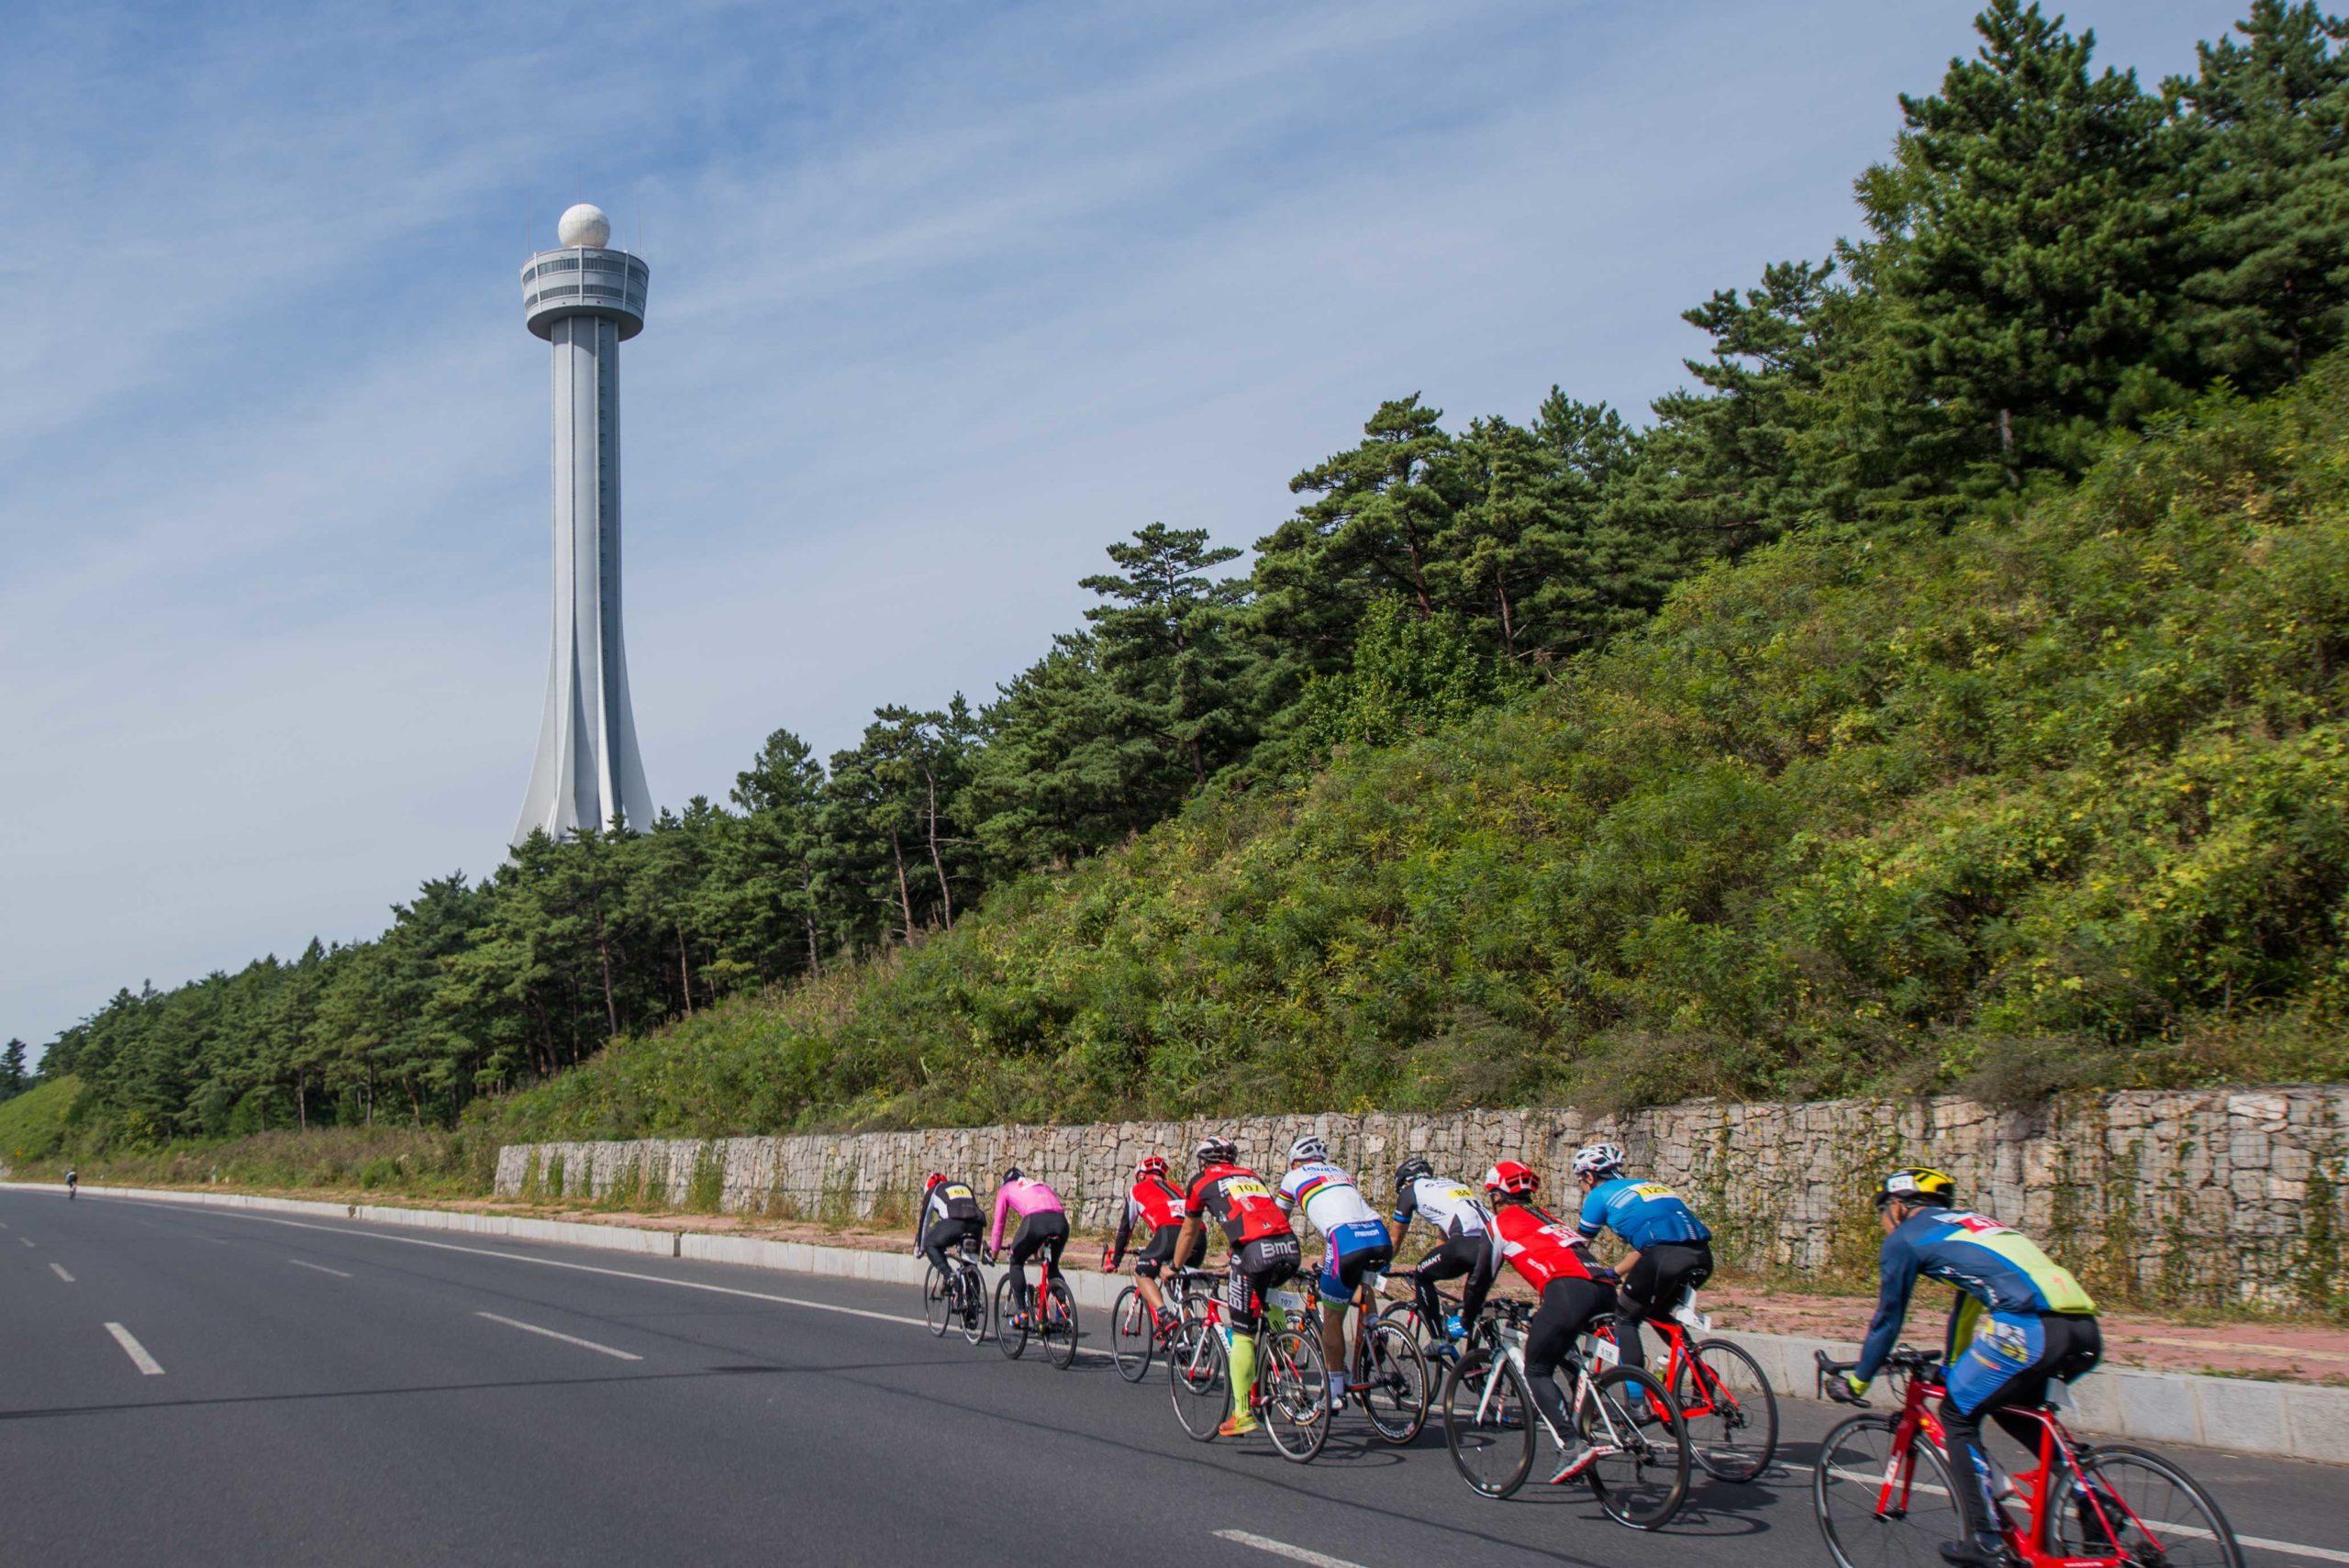 下一个赛事:中国延边韦特恩国际自行车旅游节